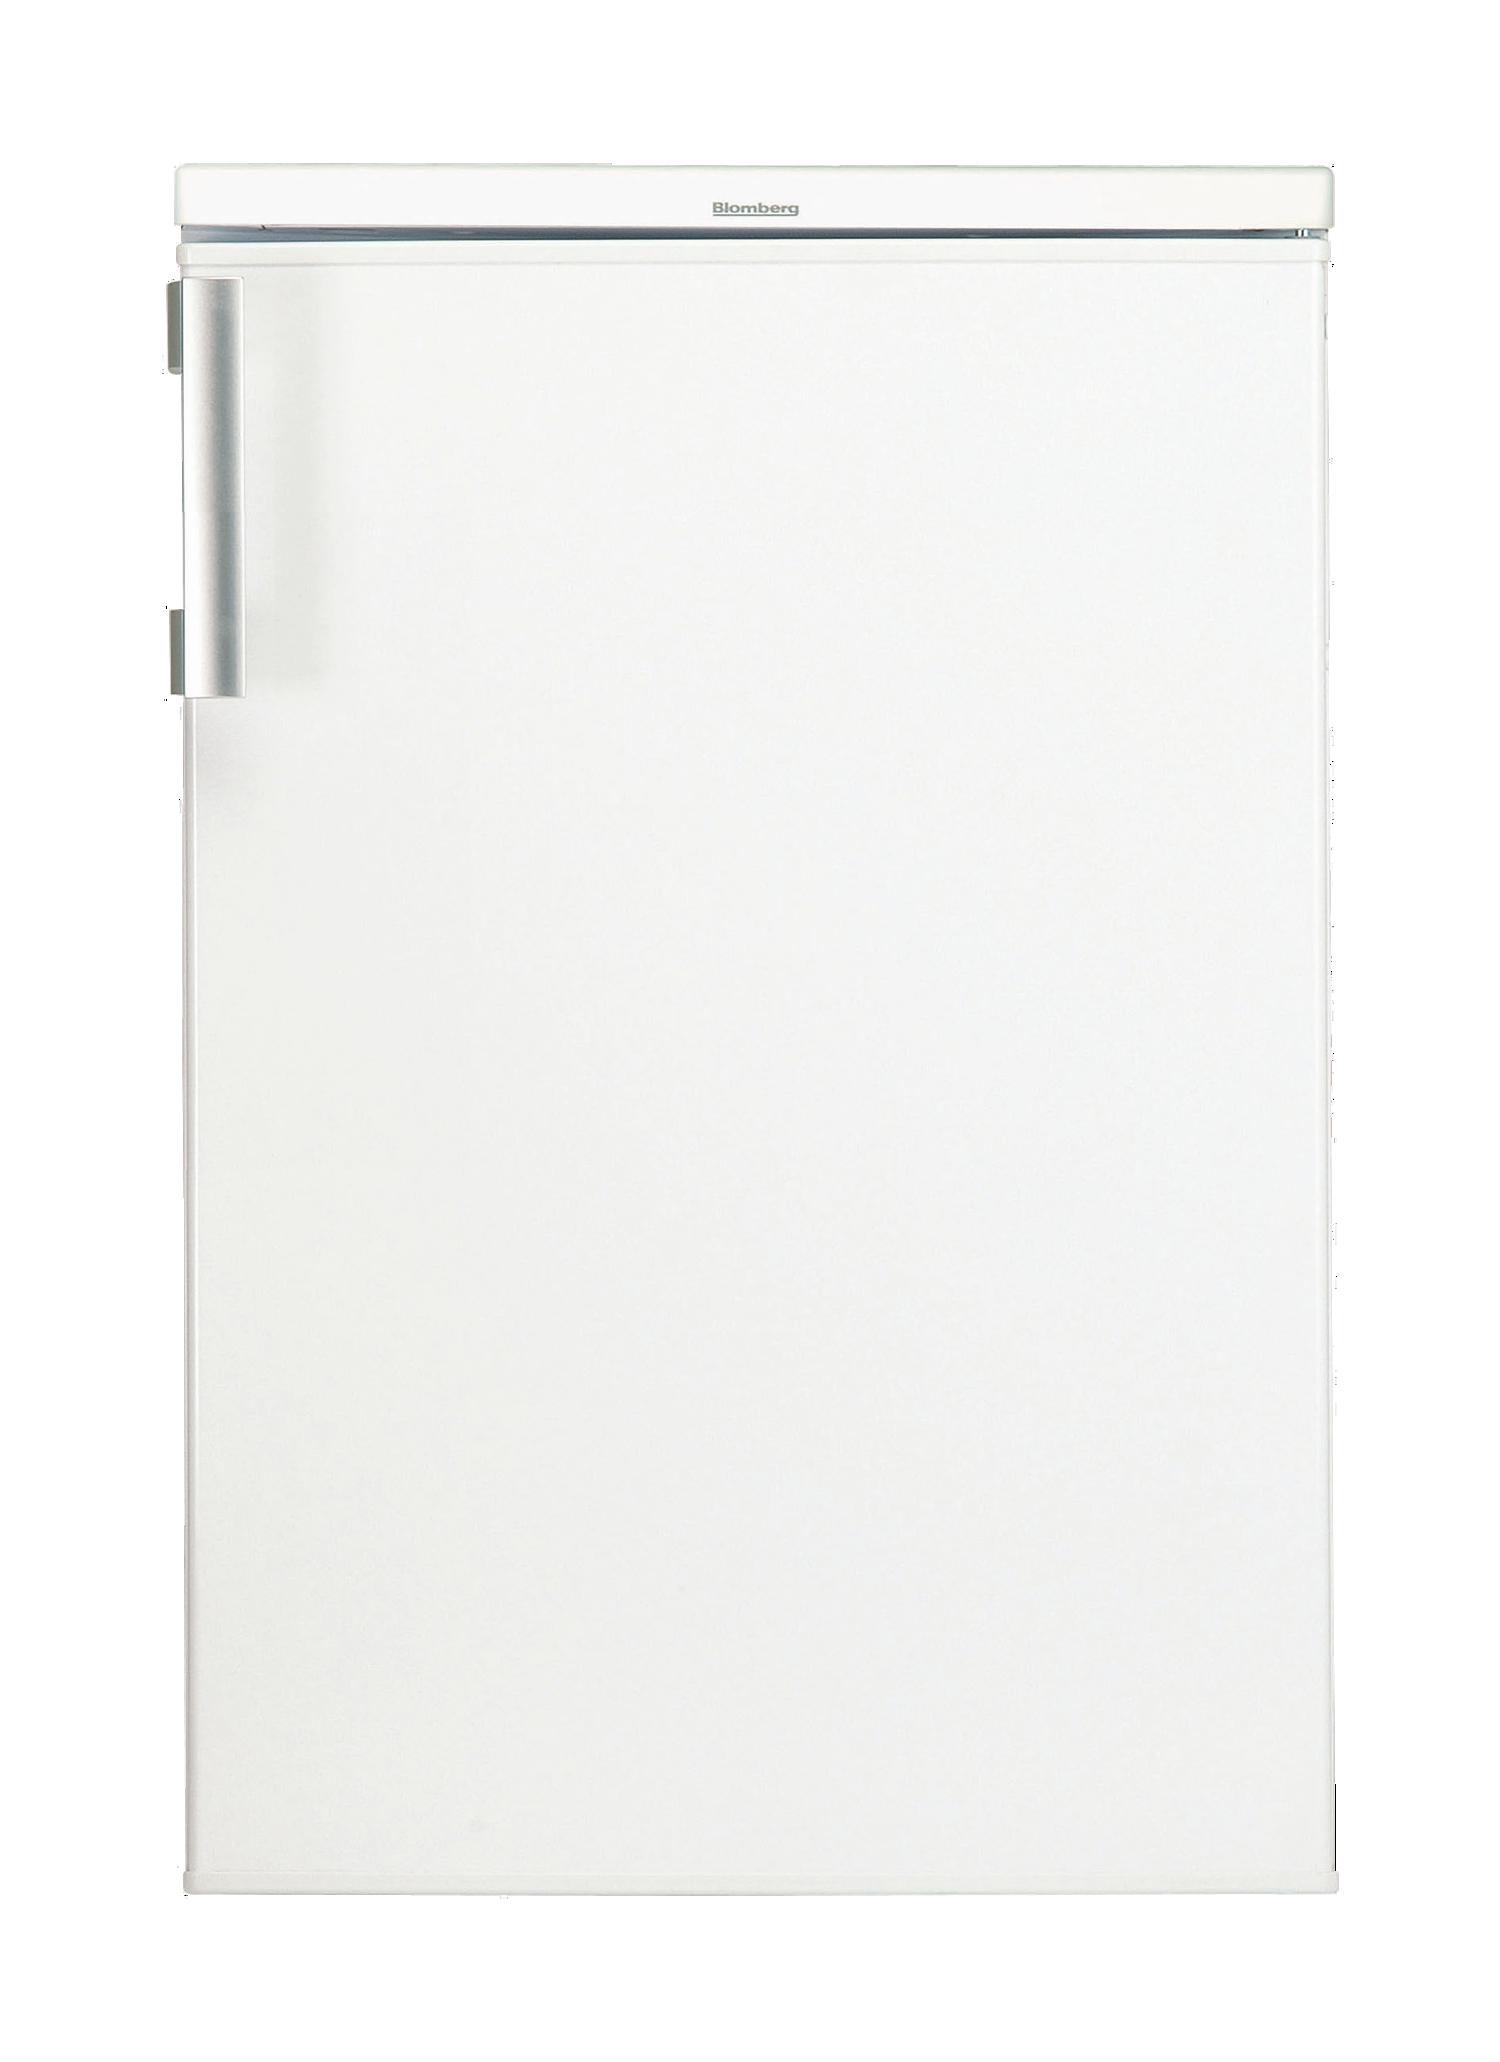 BLOMBERG TSM 1541  Mini Statik 120Lt. Buzdolabı